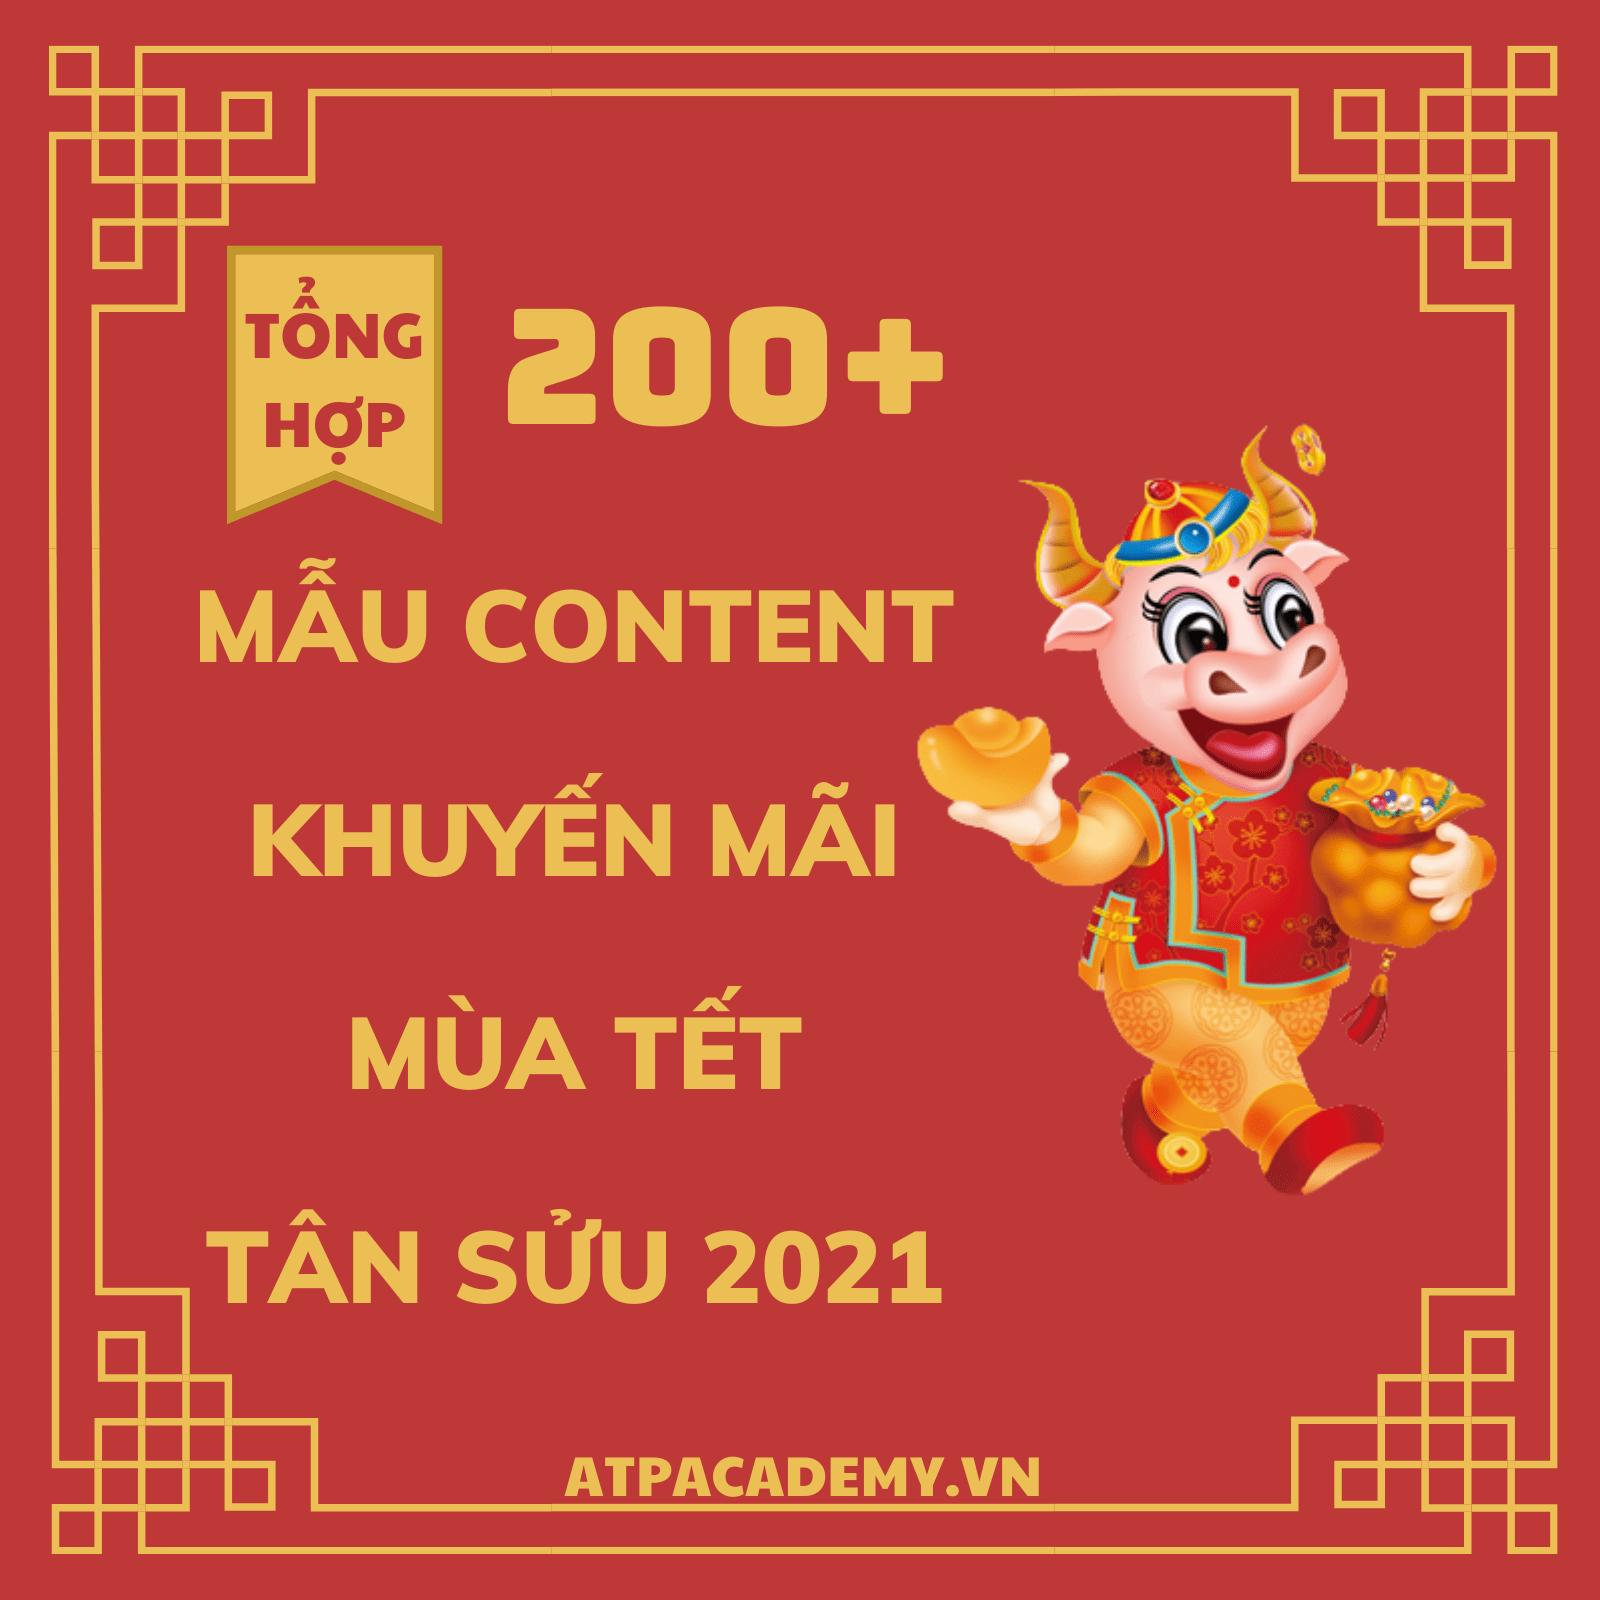 Tong hop 1